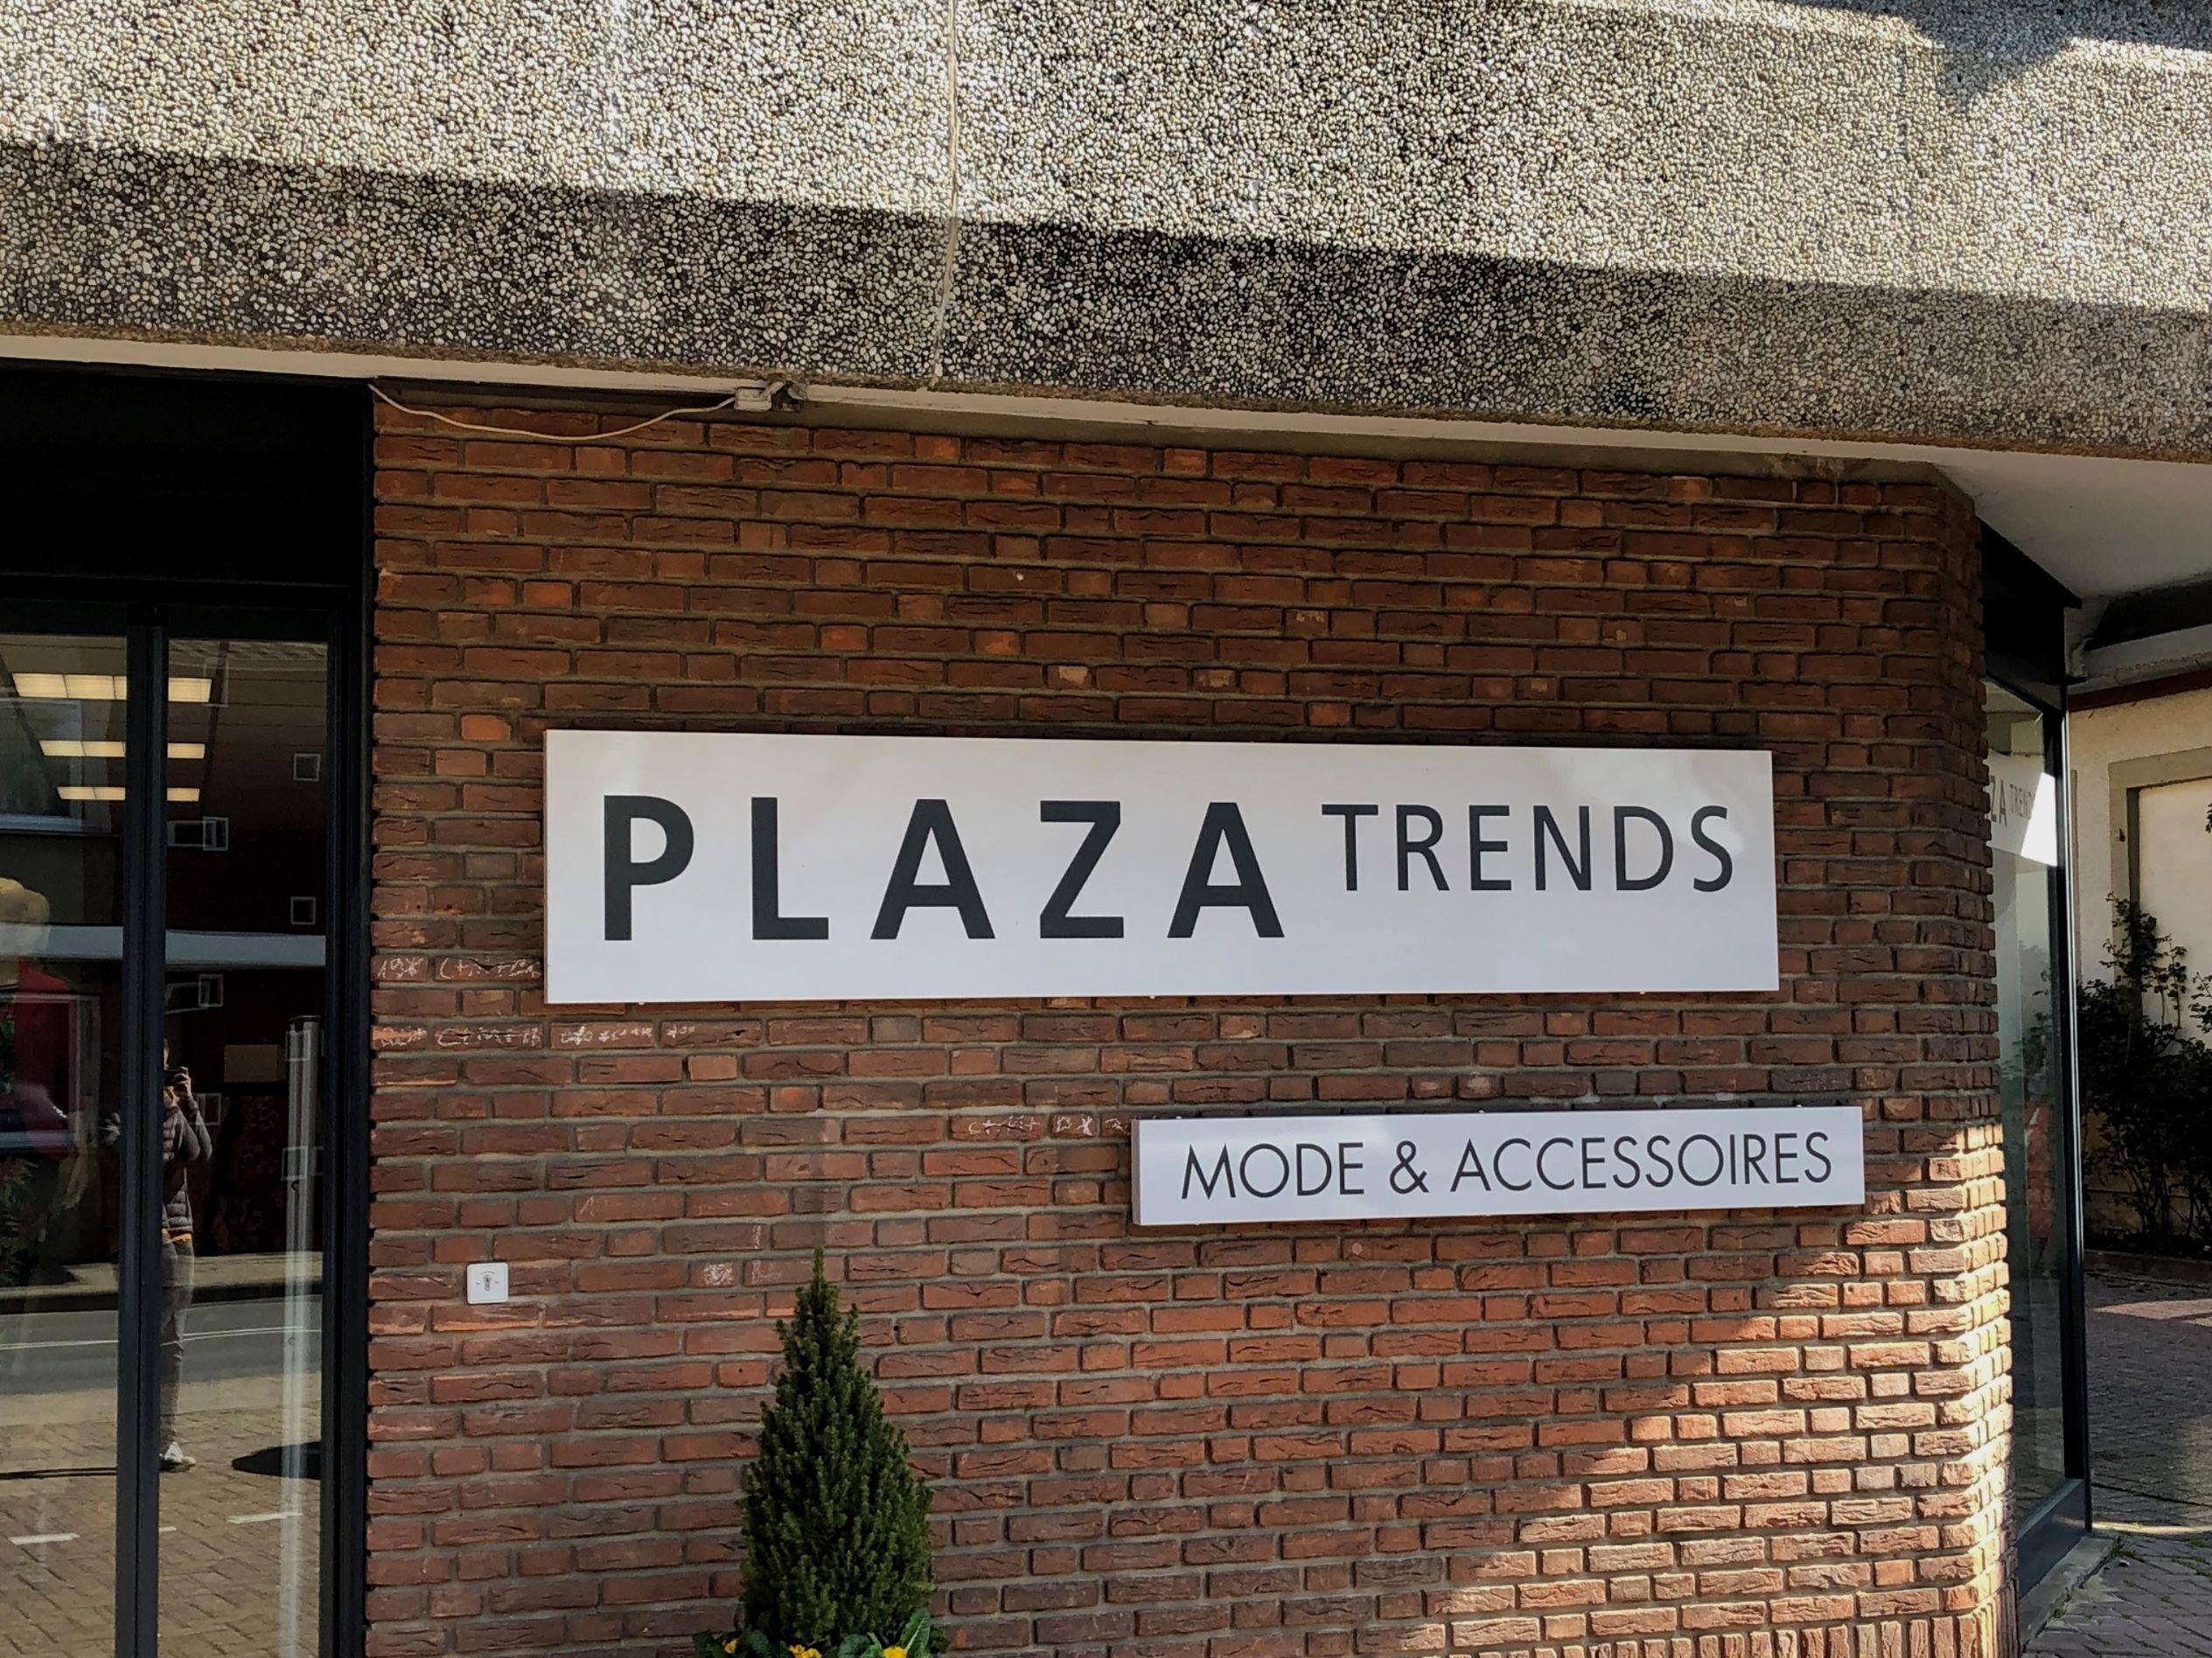 Plaza Trends (Riesenbeck)